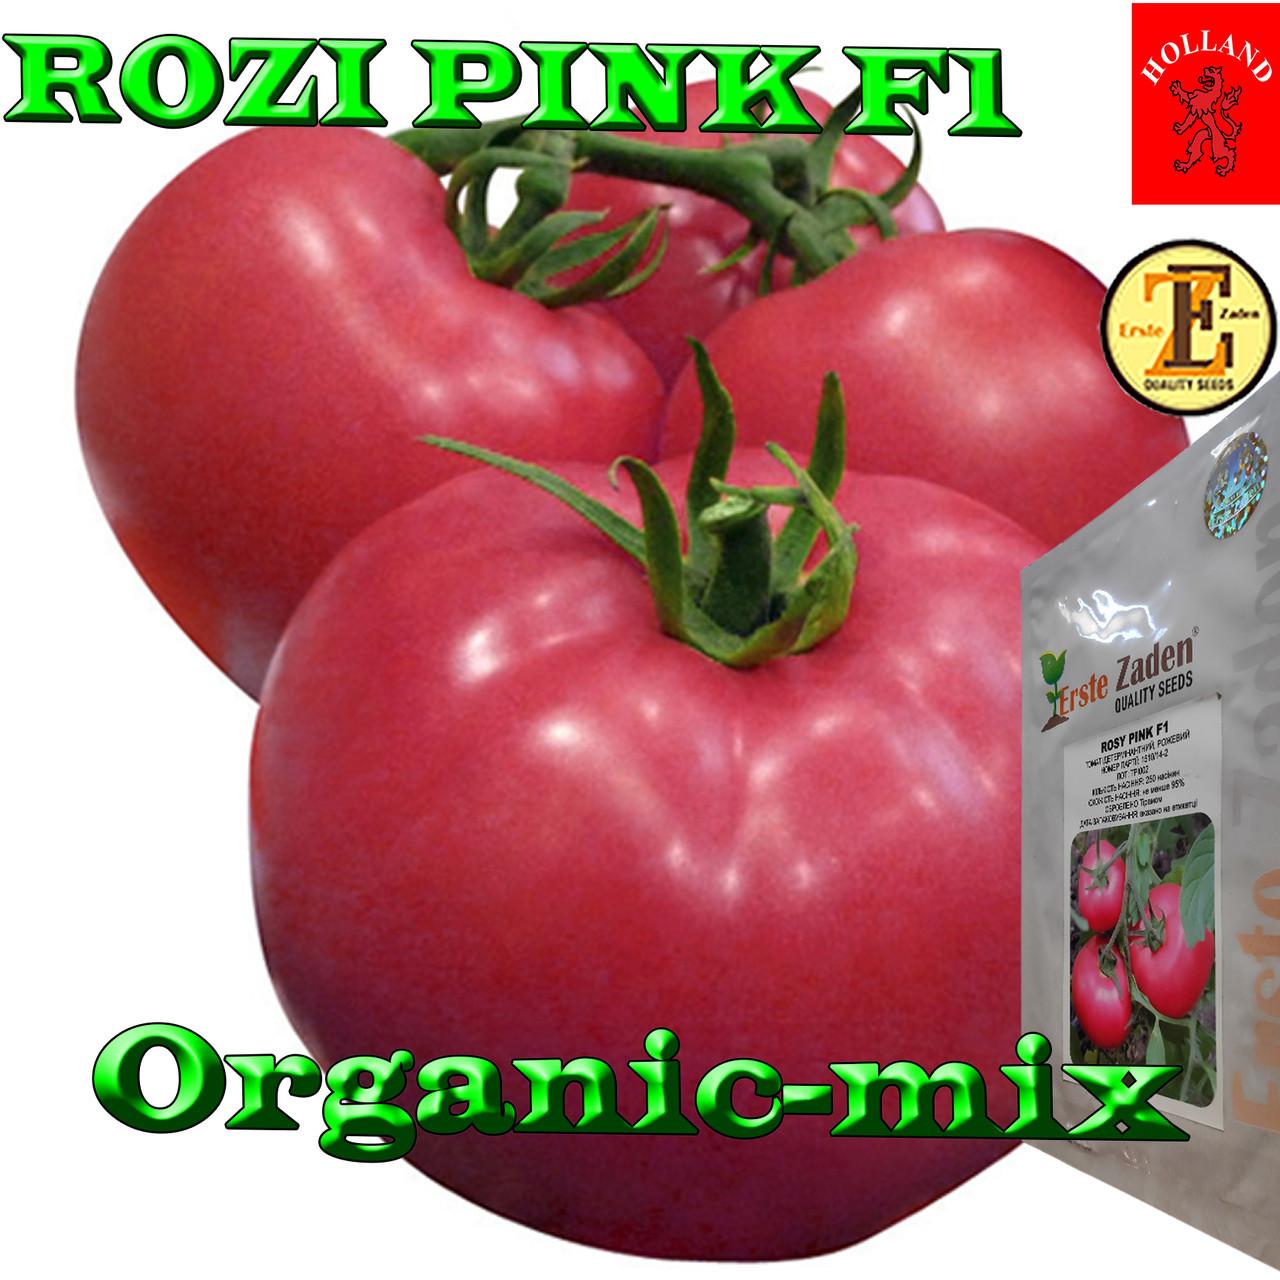 Высокорослый, ранний, розовый томат РОЗИ ПИНК F1 / ROZI PINK F1, 1000 семян, ТМ Erste Zaden